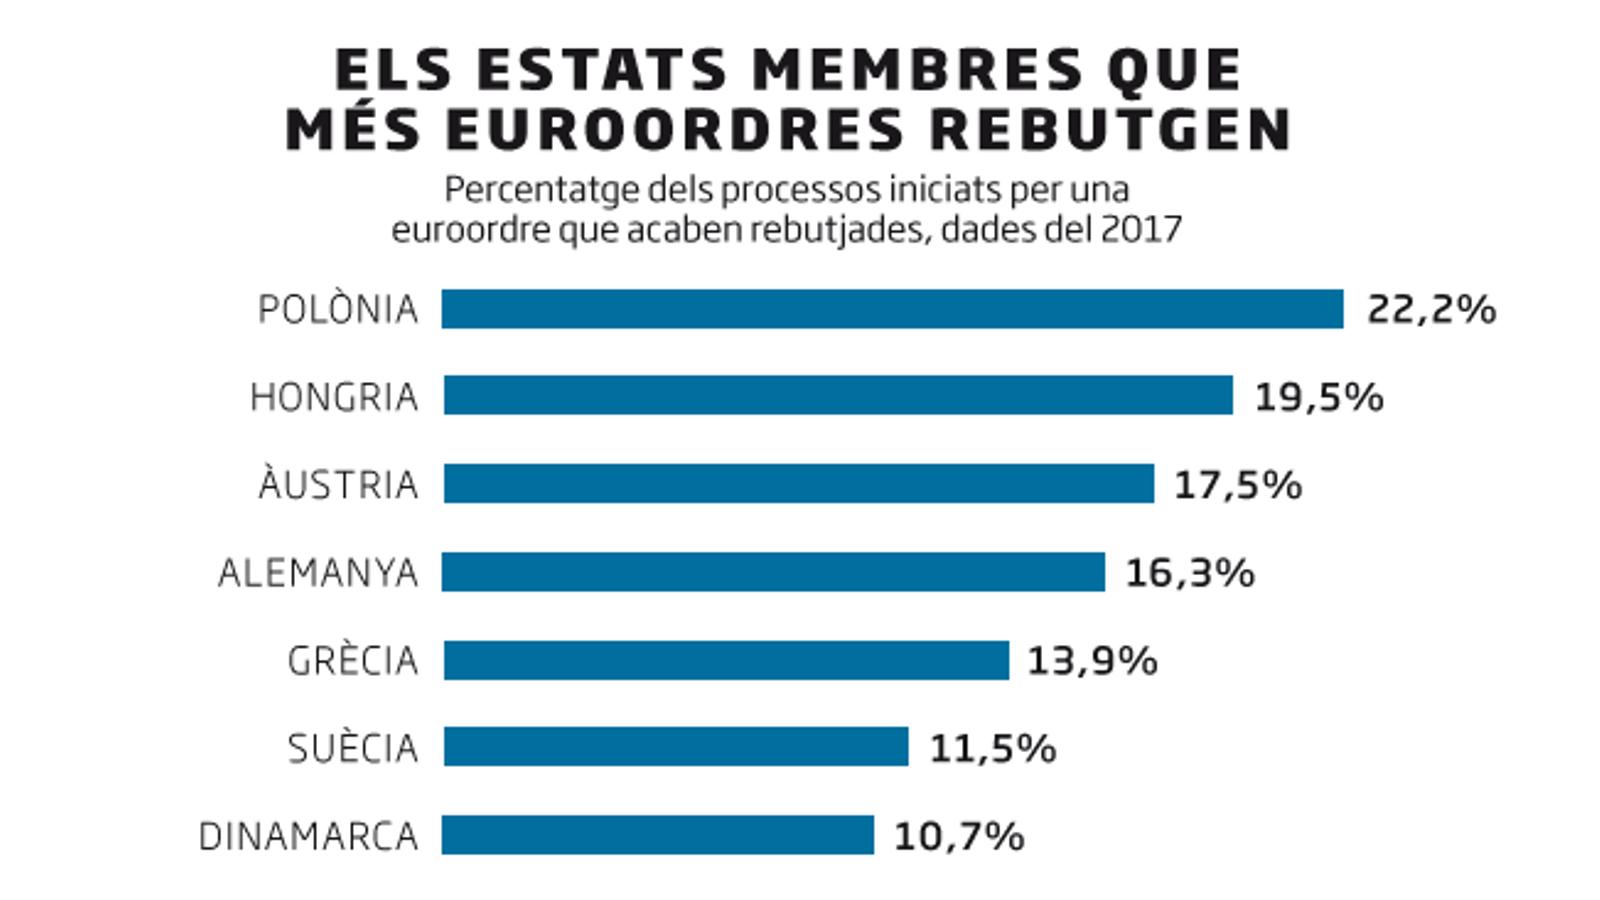 Alemanya, entre els estats que van rebutjar més euroordres el 2017